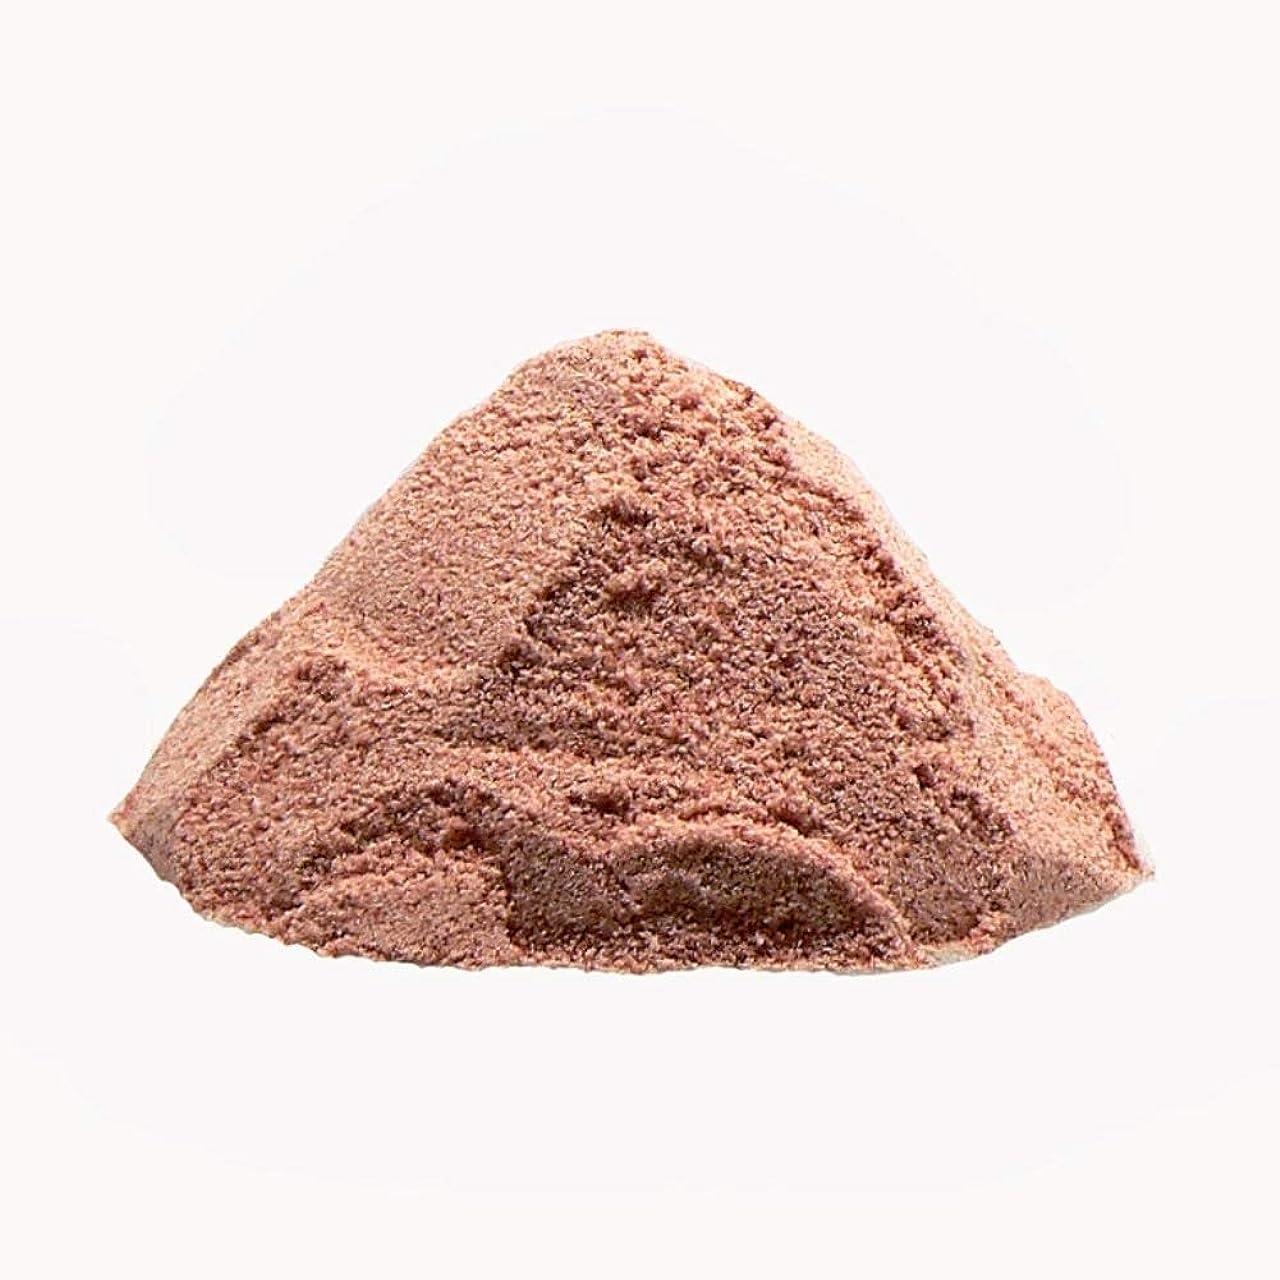 生きるハイランド件名ヒマラヤ岩塩 プレミアム ルビーソルト バスソルト(パウダー)ネパール産 ルビー岩塩 (600g×2個セット)